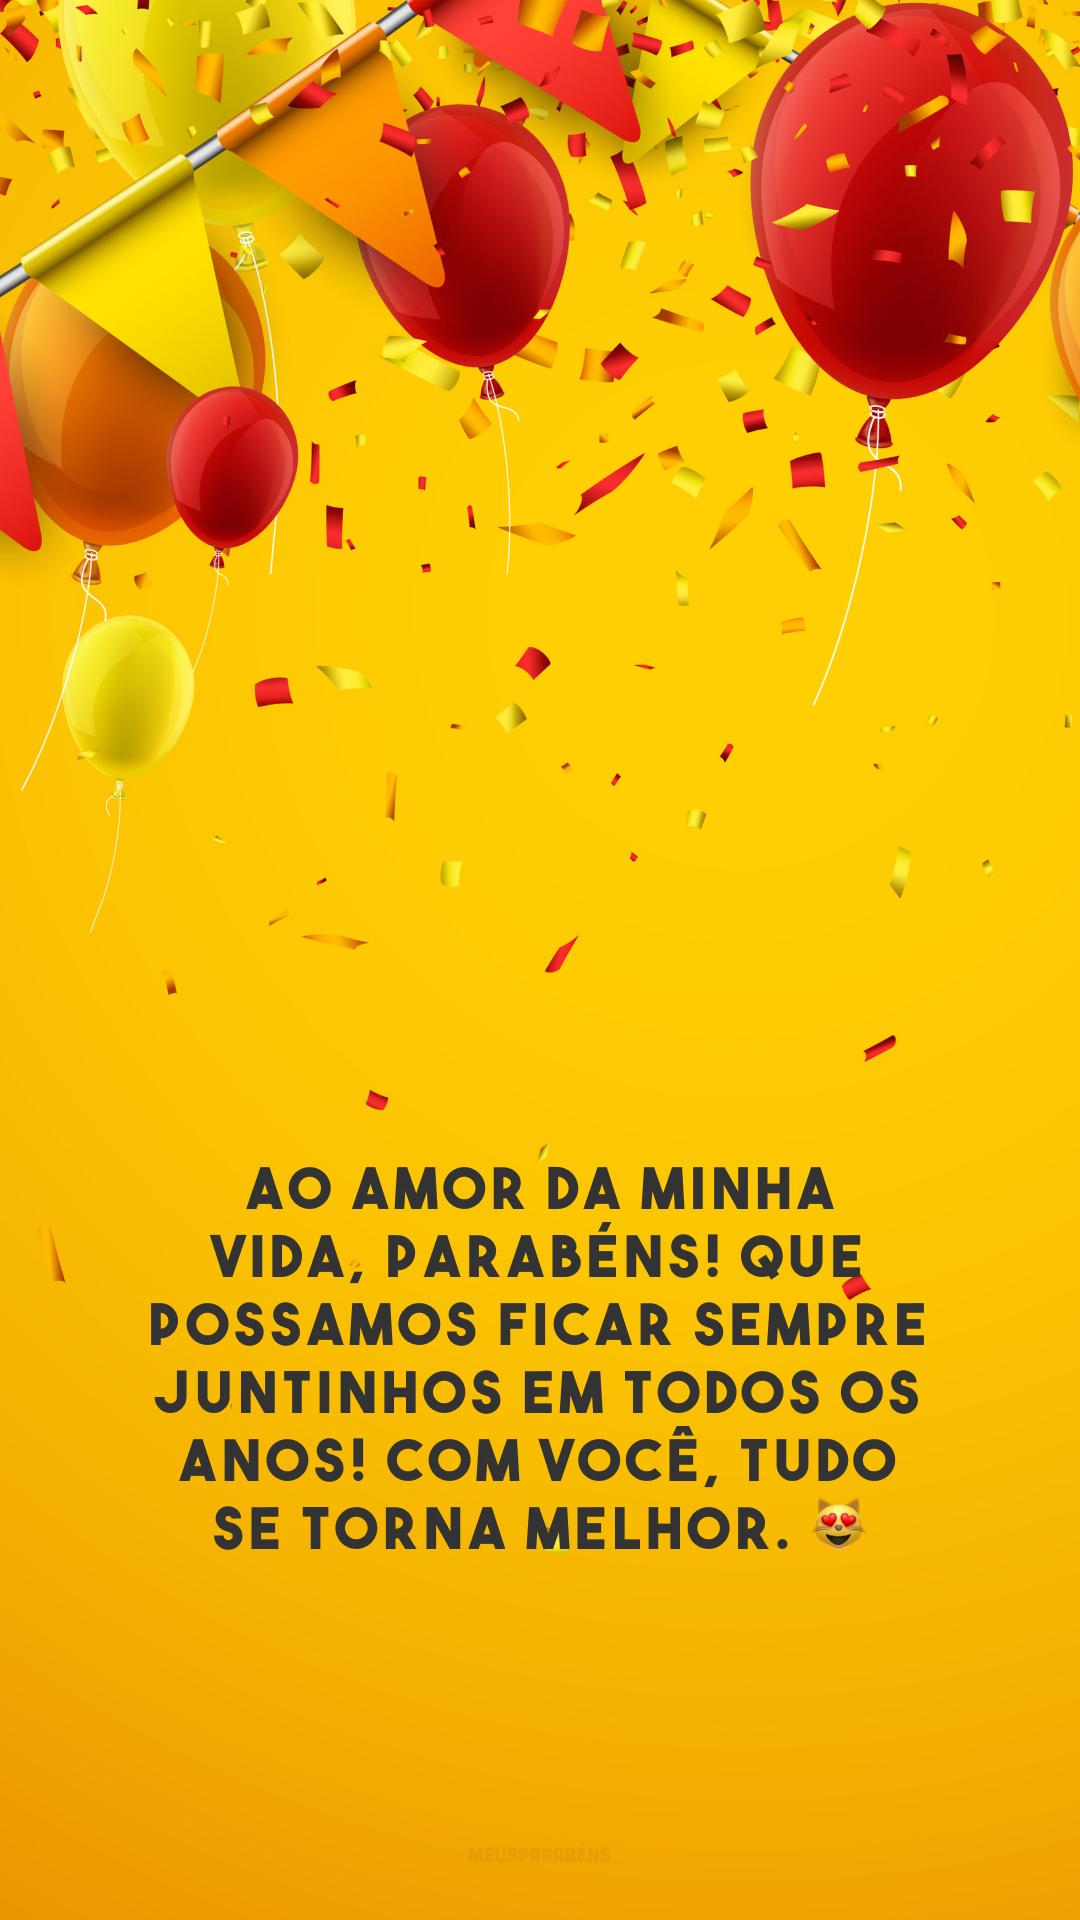 Ao amor da minha vida, parabéns! Que possamos ficar sempre juntinhos em todos os anos! Com você, tudo se torna melhor. 😻